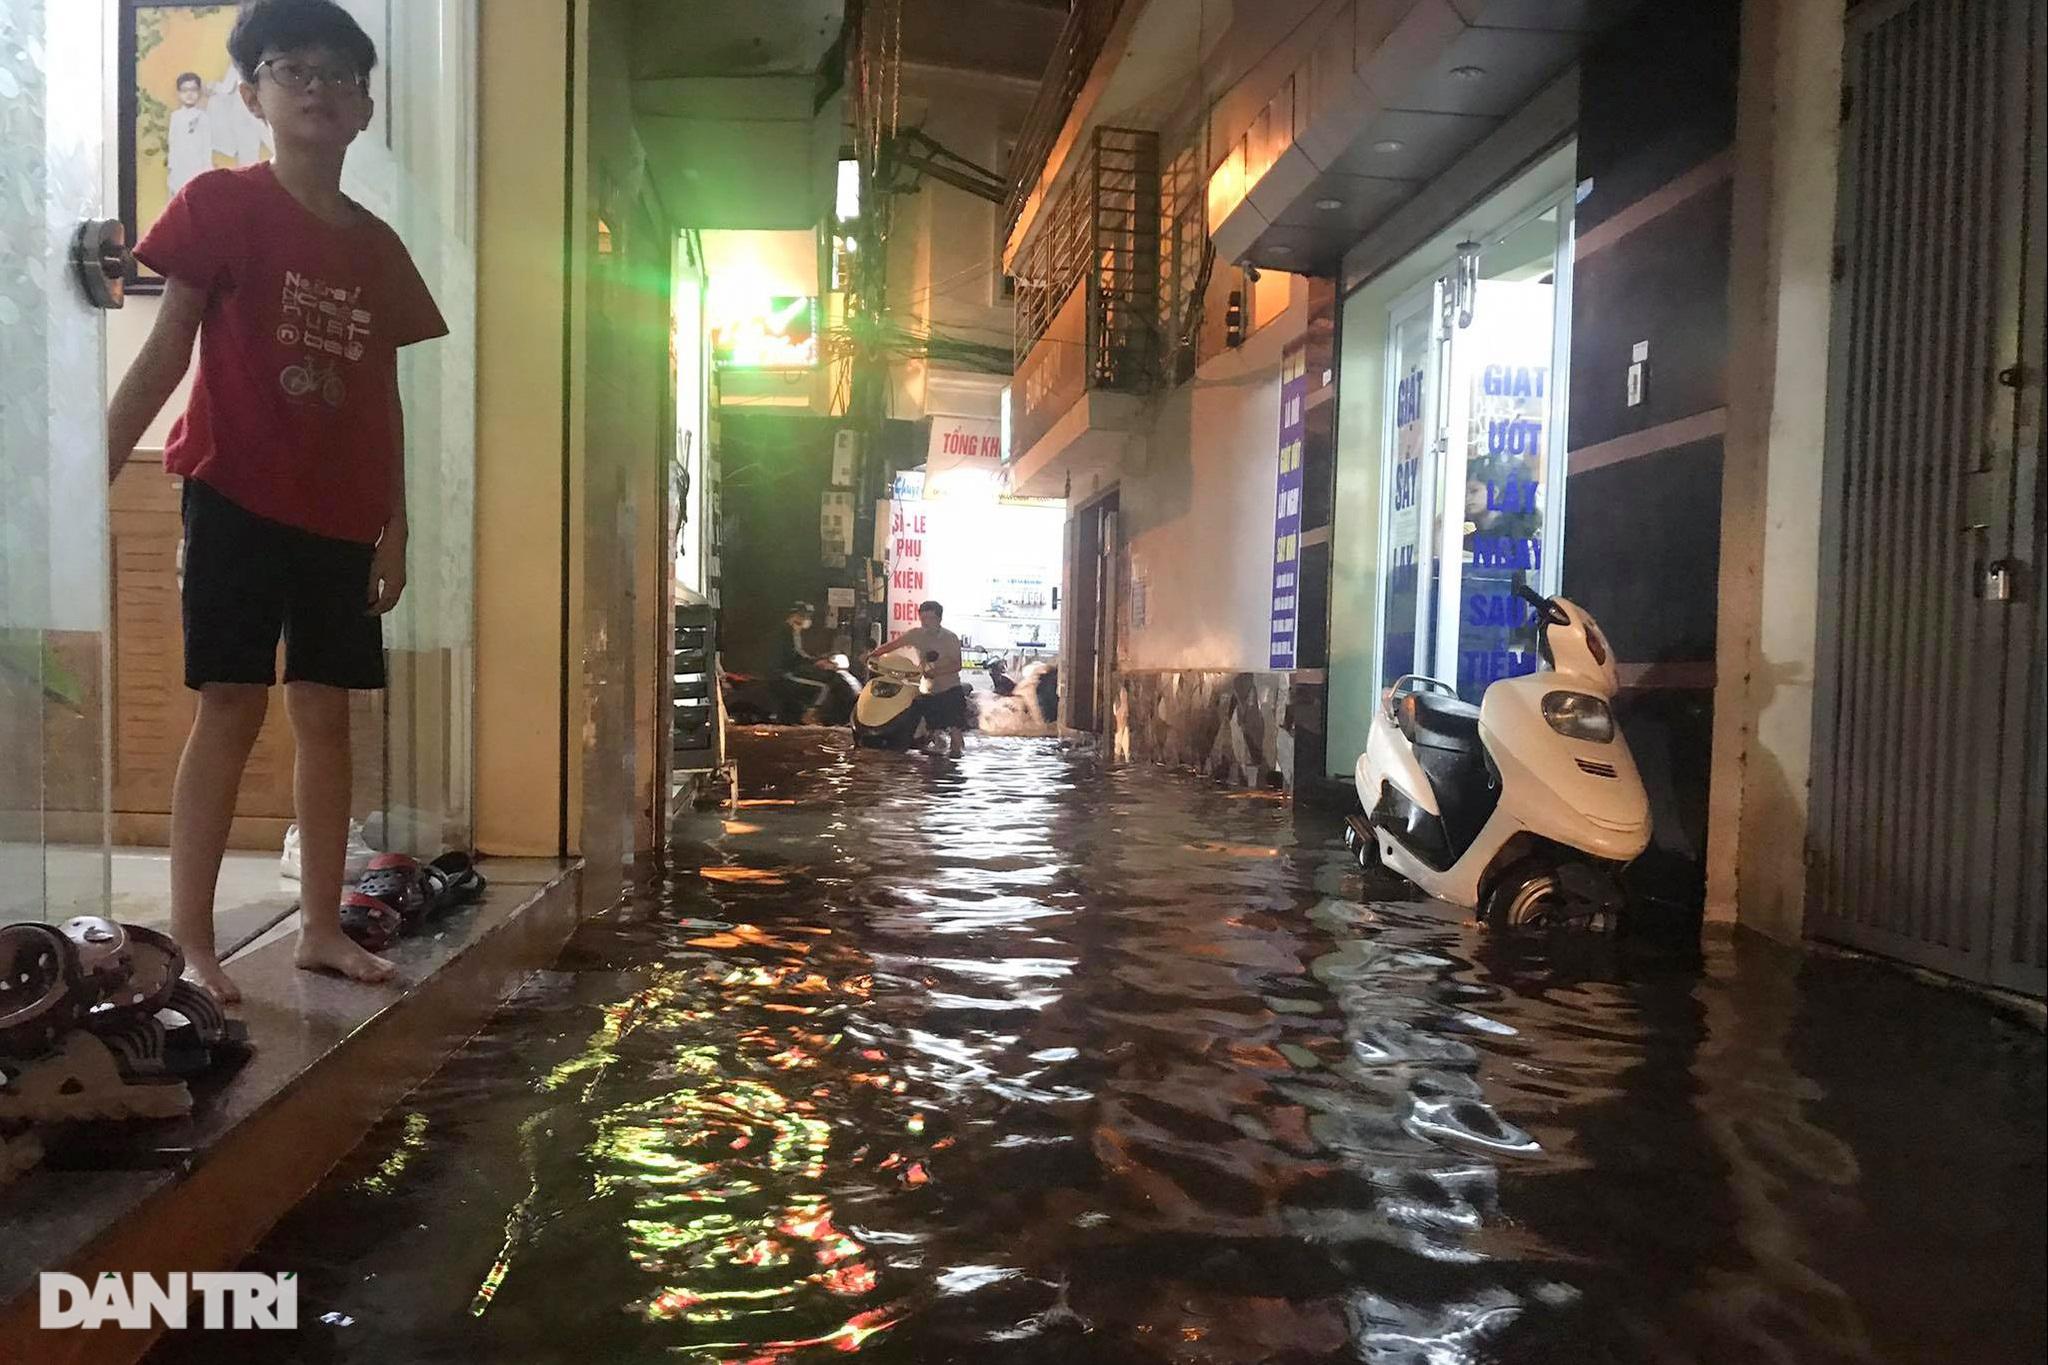 Hà Nội ngập sâu trong nước sau cơn mưa ngắn chưa đầy 1 tiếng đồng hồ - 21